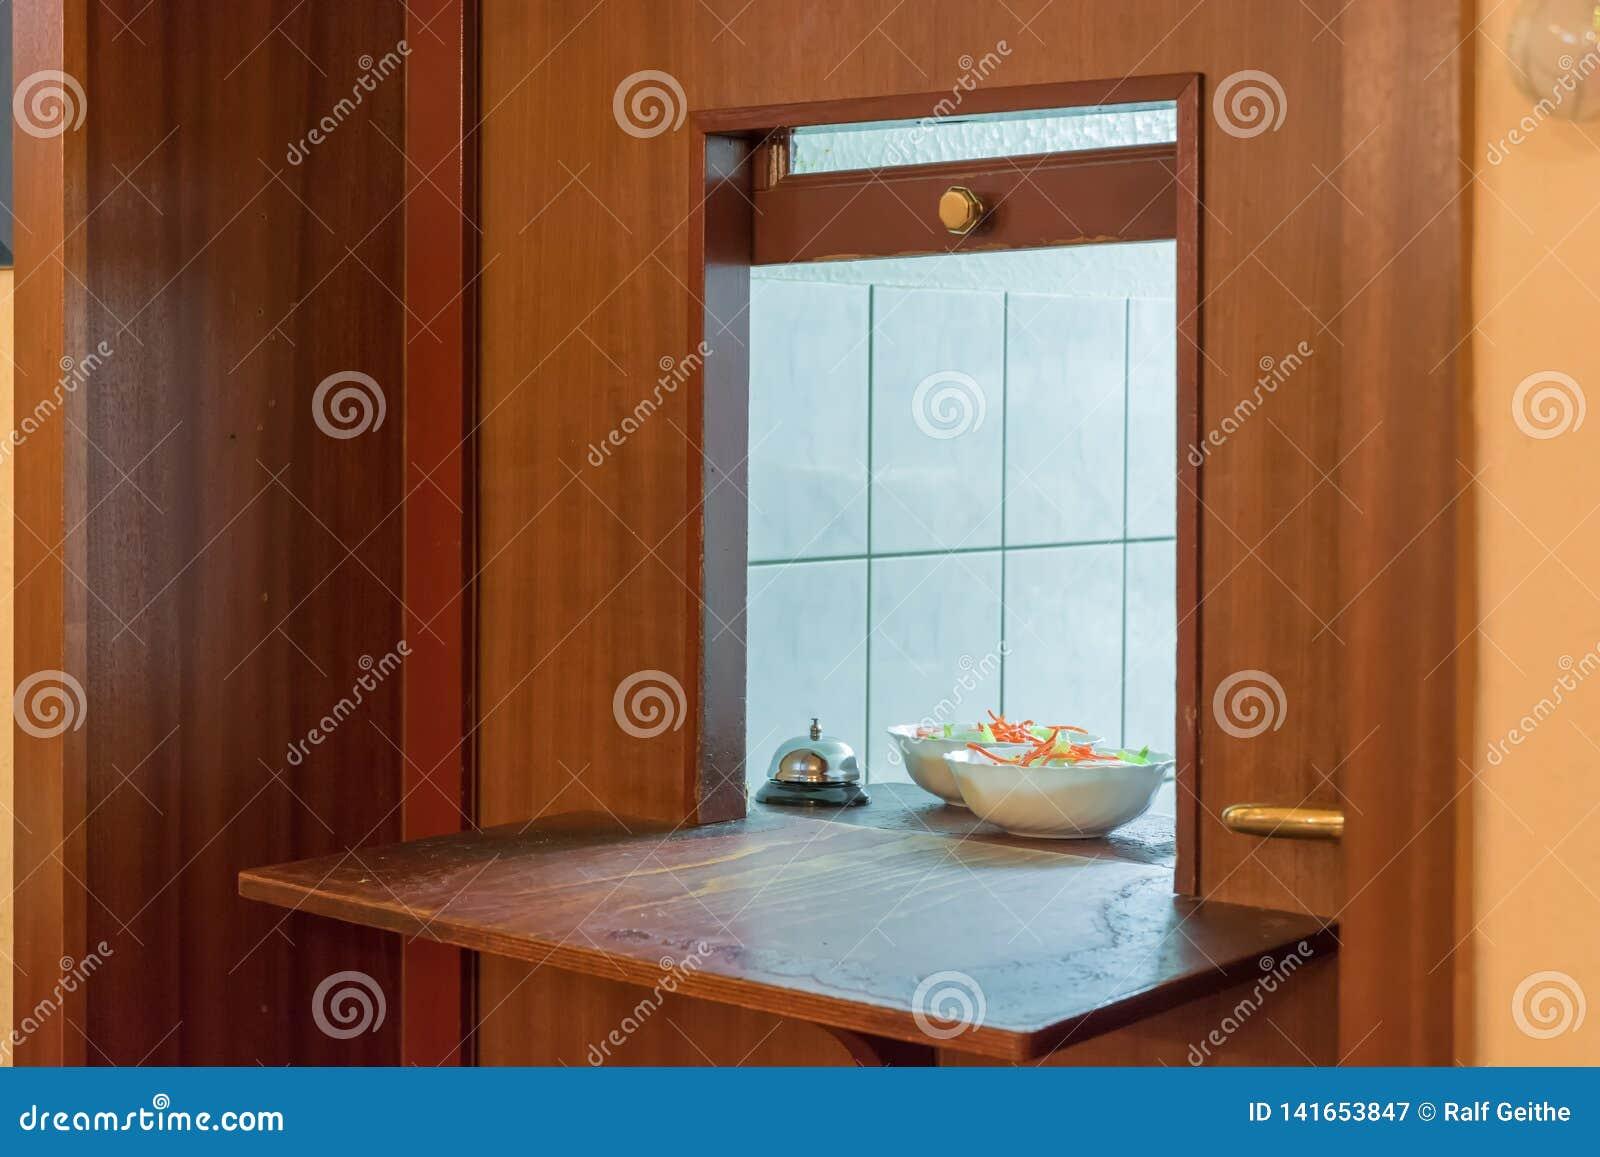 Passagem em um restaurante com uma vista da cozinha